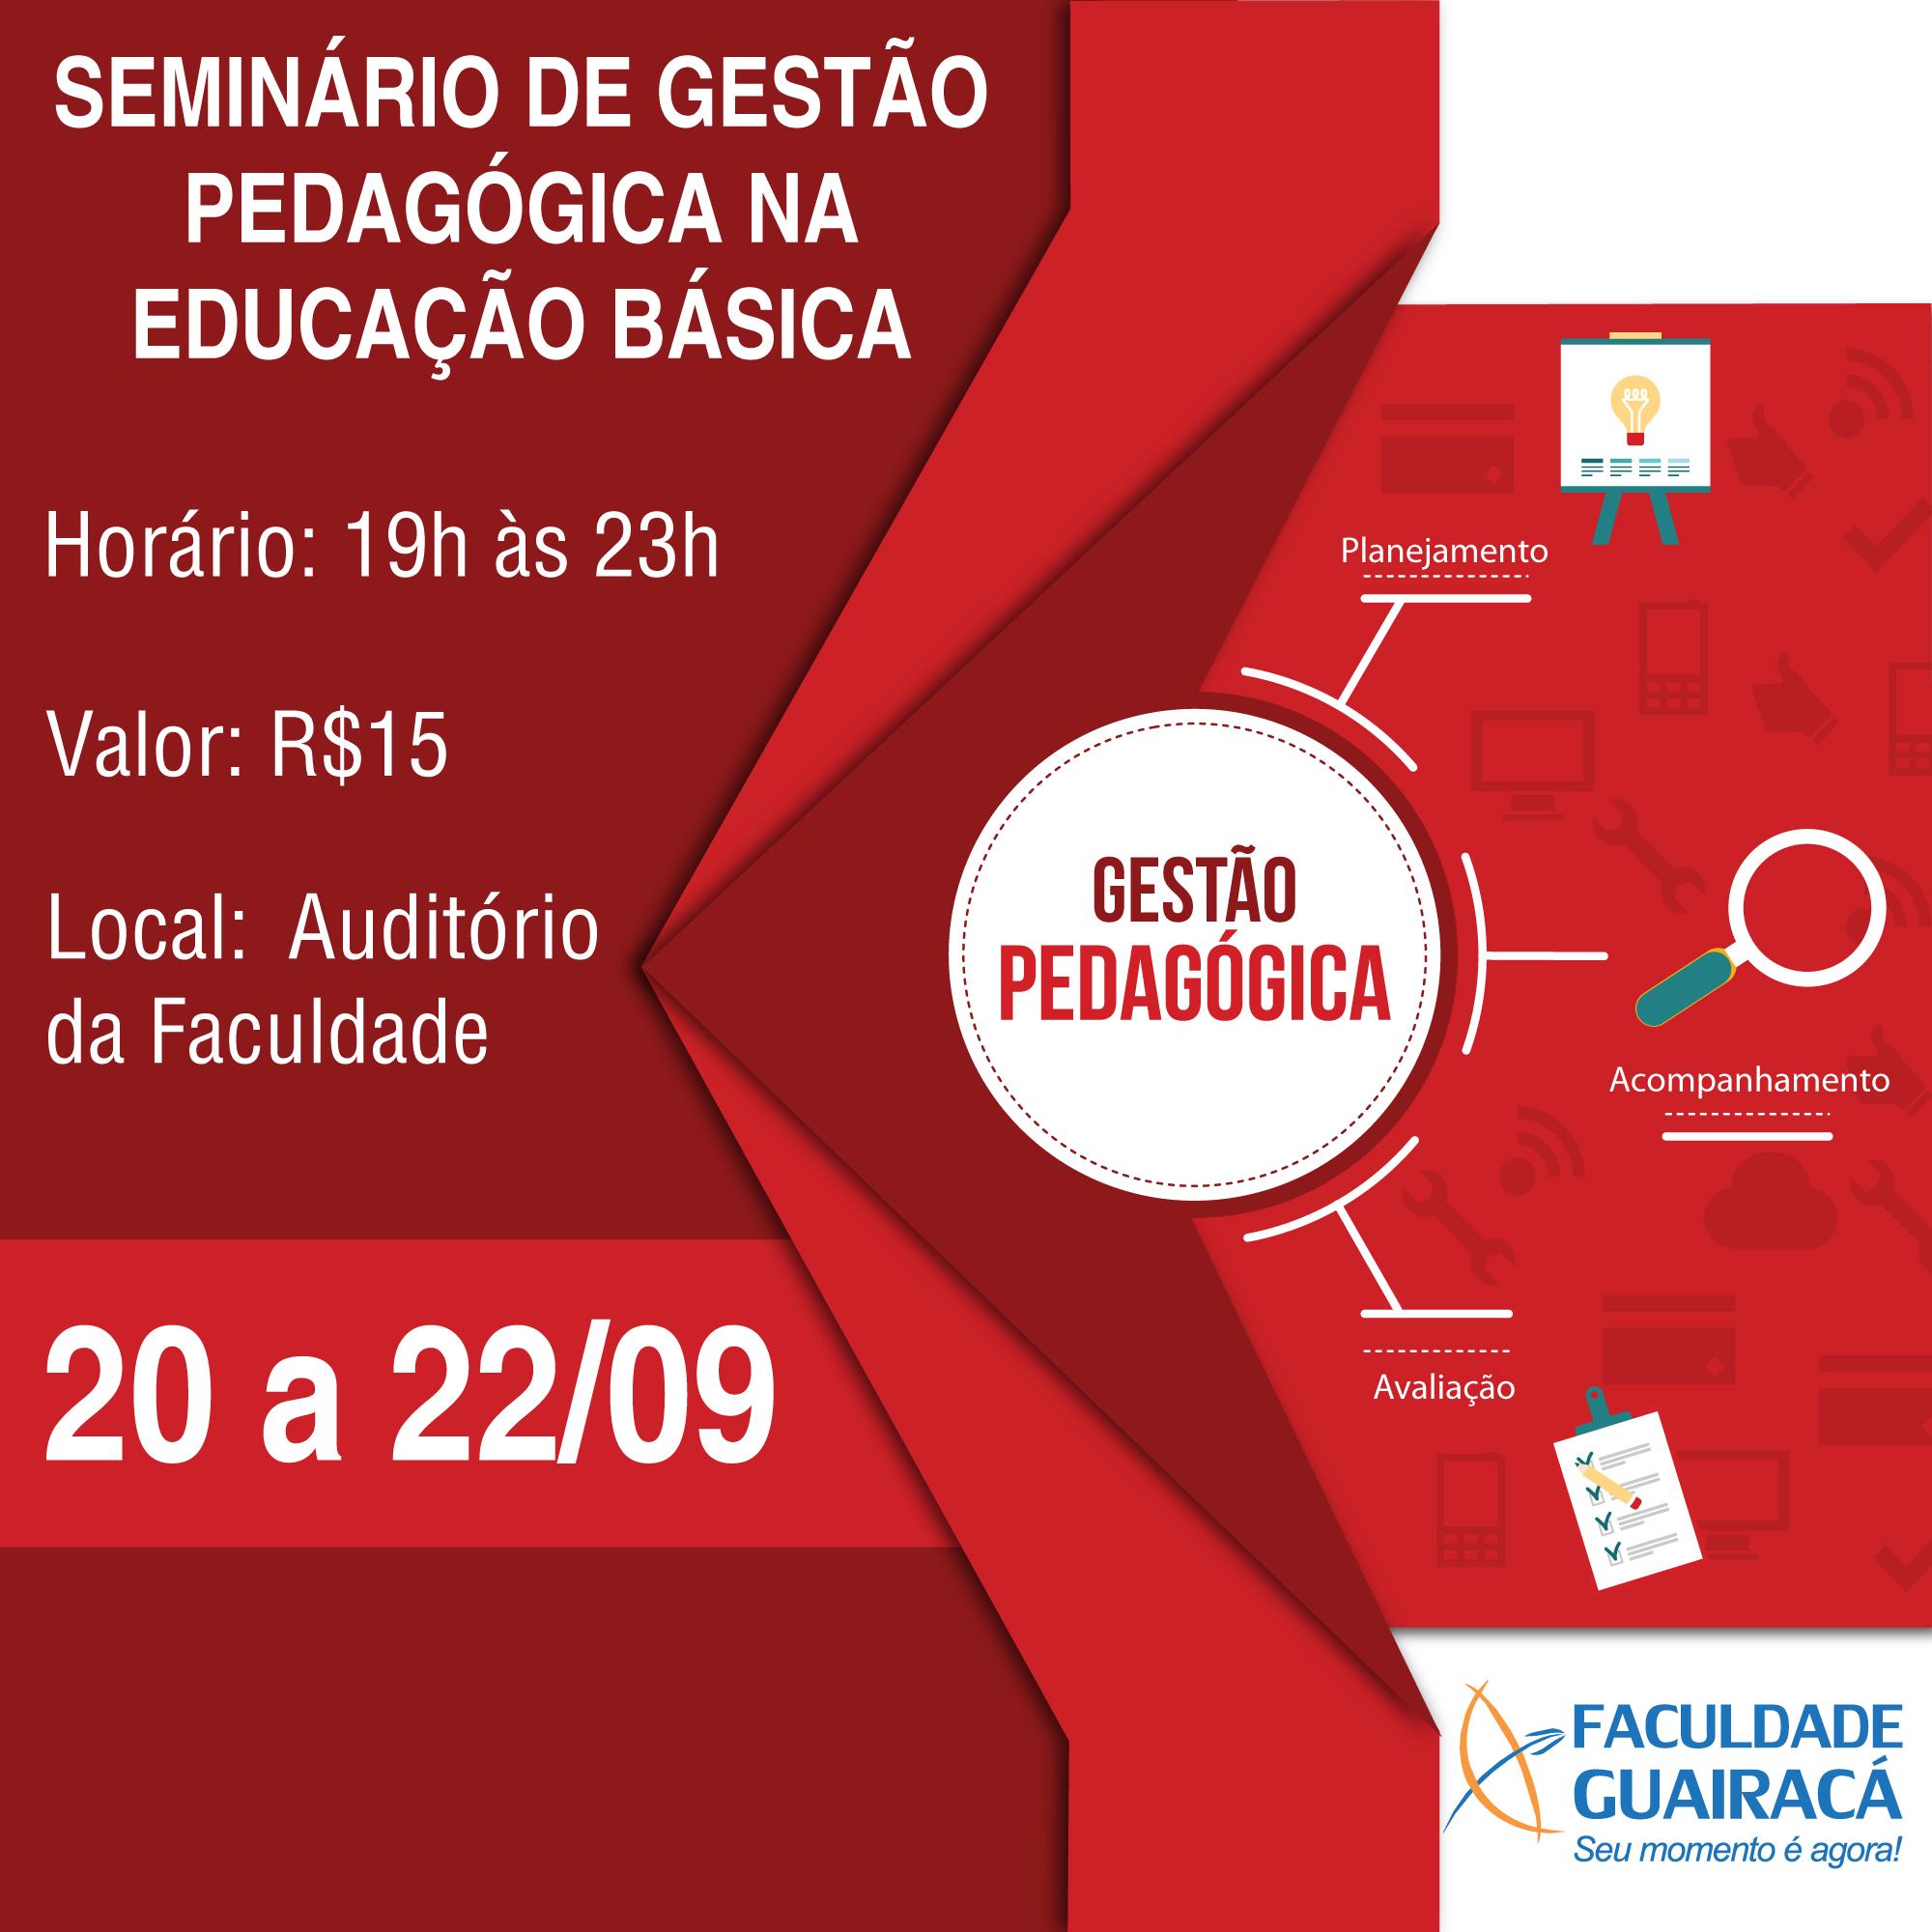 Seminario-de-Gestao-Pedagogica-na-Ed-Basica